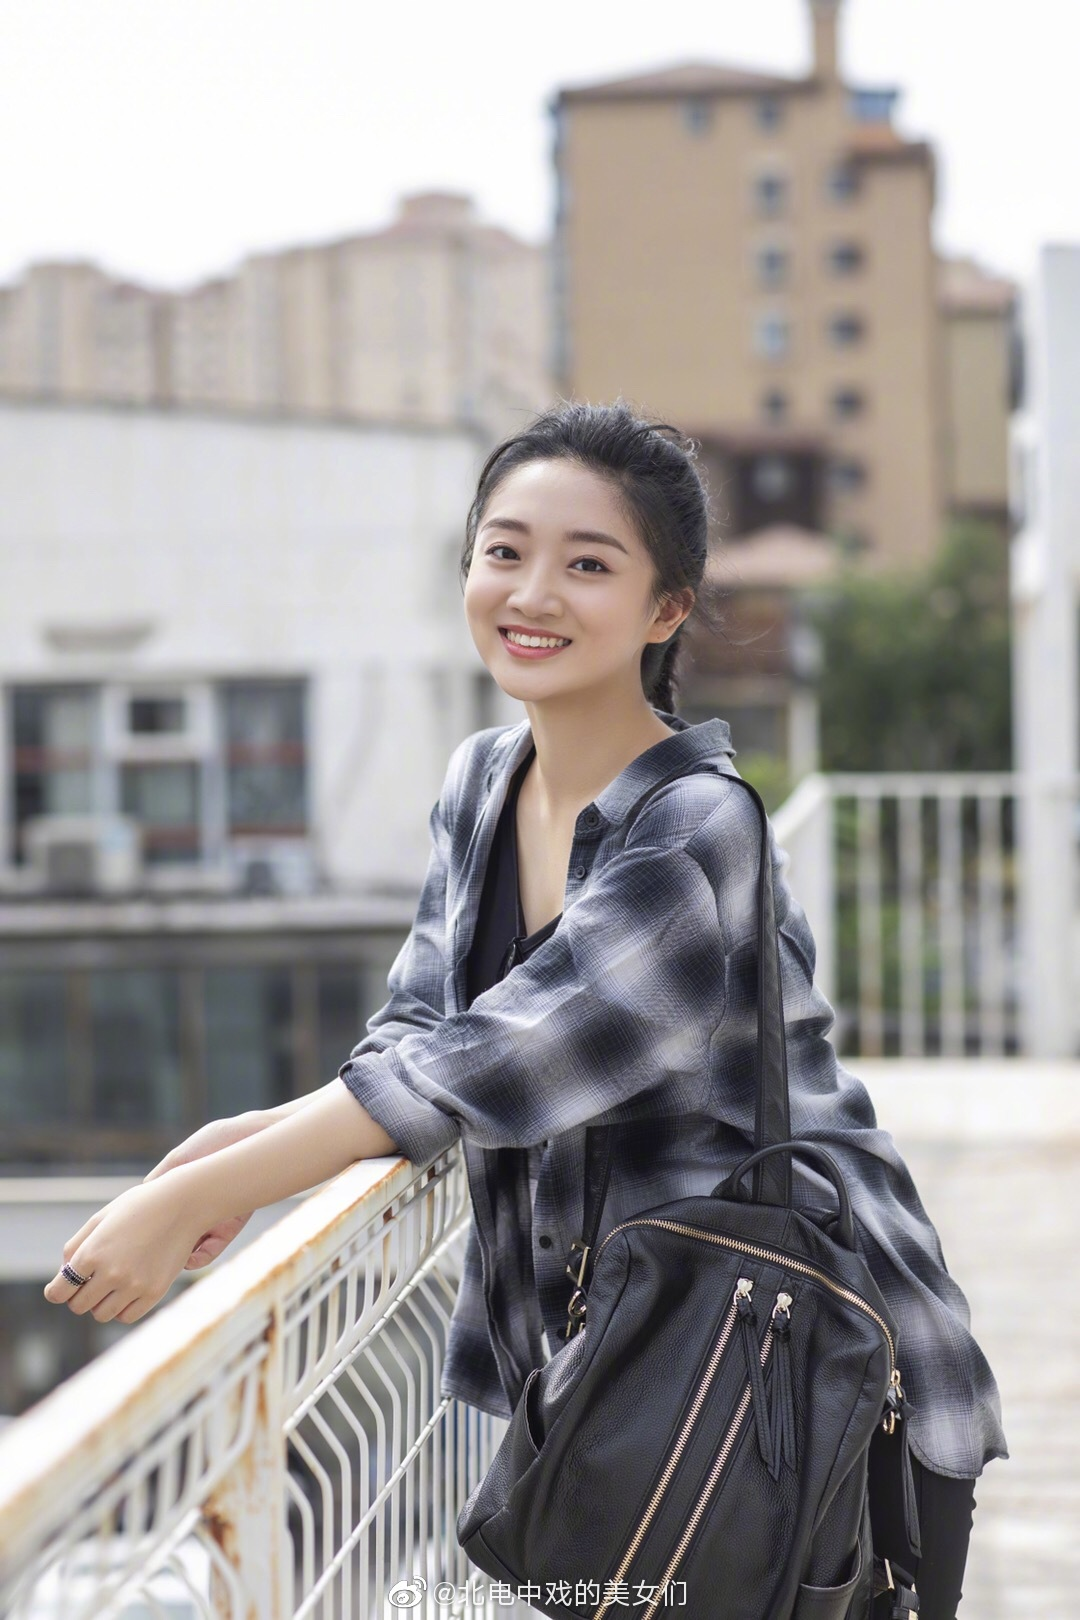 中国传媒大学2019级播音主持专业本科 来自山西太原